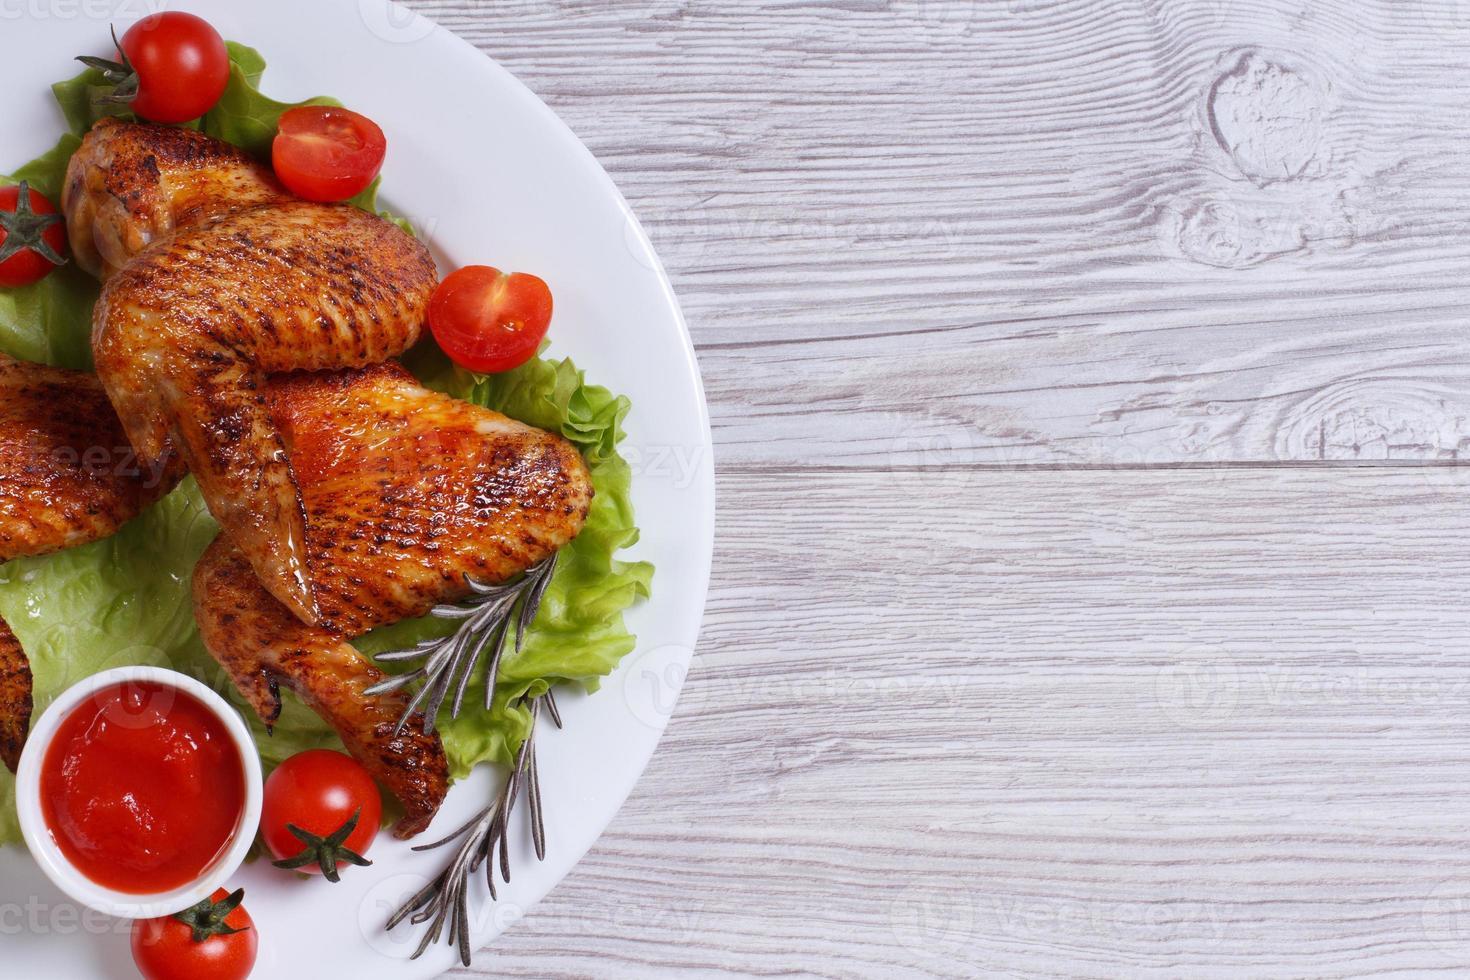 gebakken kippenvleugels met saus en groenten bovenaanzicht foto